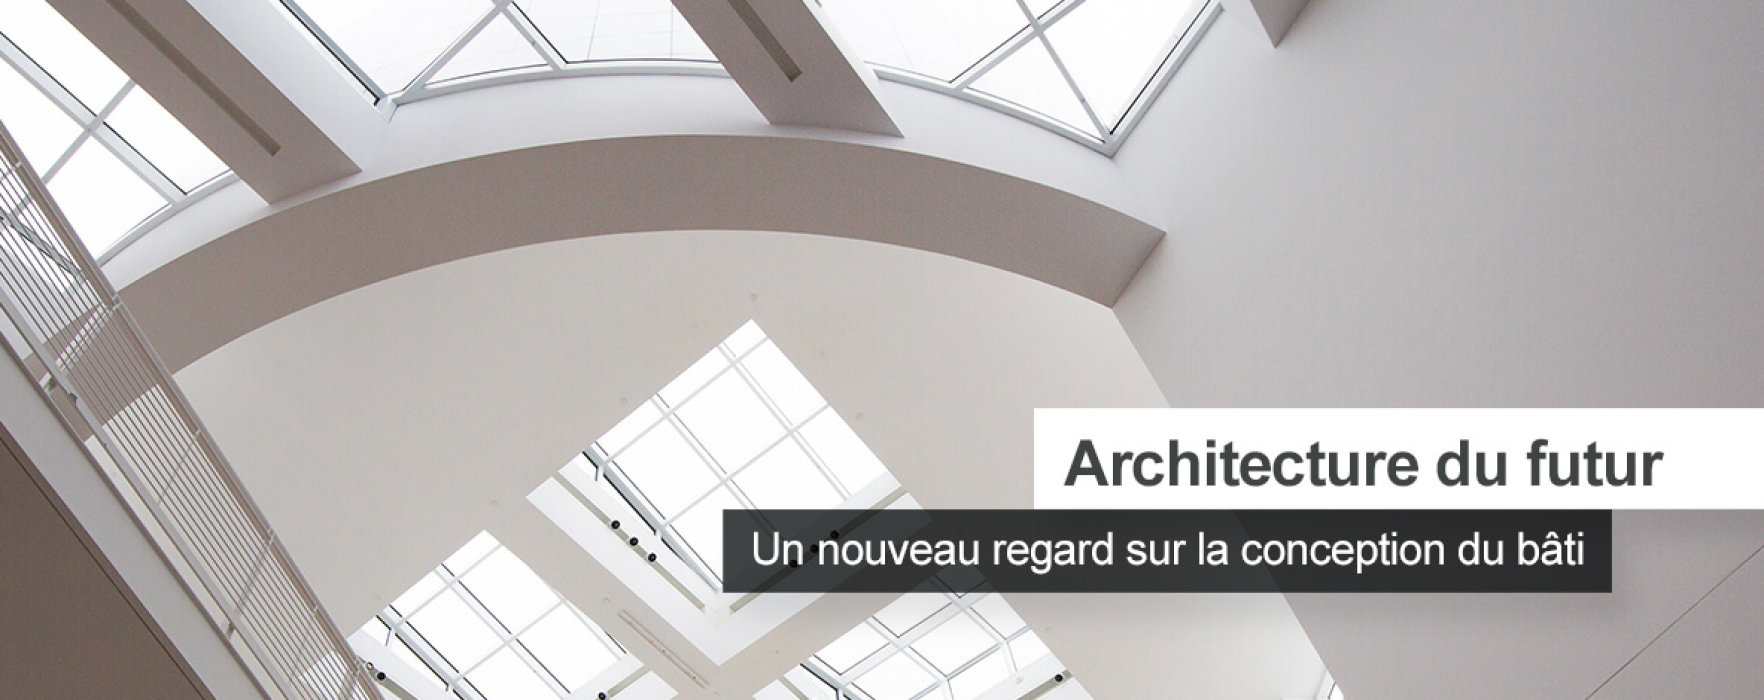 Architecture du futur